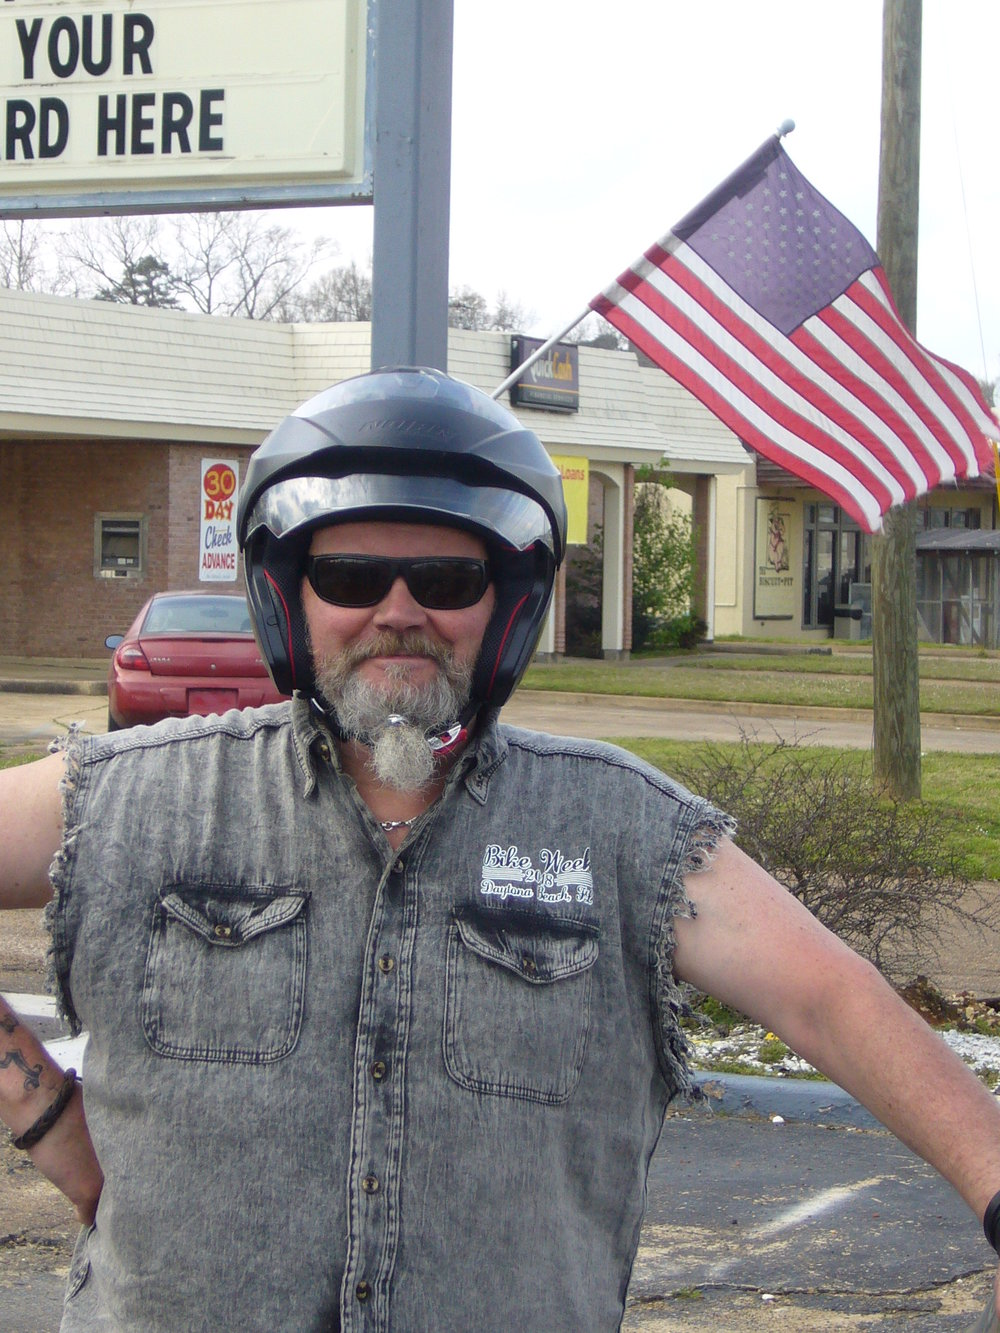 Biker-Jarmo sai taas partaponnarin kiinni - nyt ei parta hakkaa ajaessa kasvoille ;)